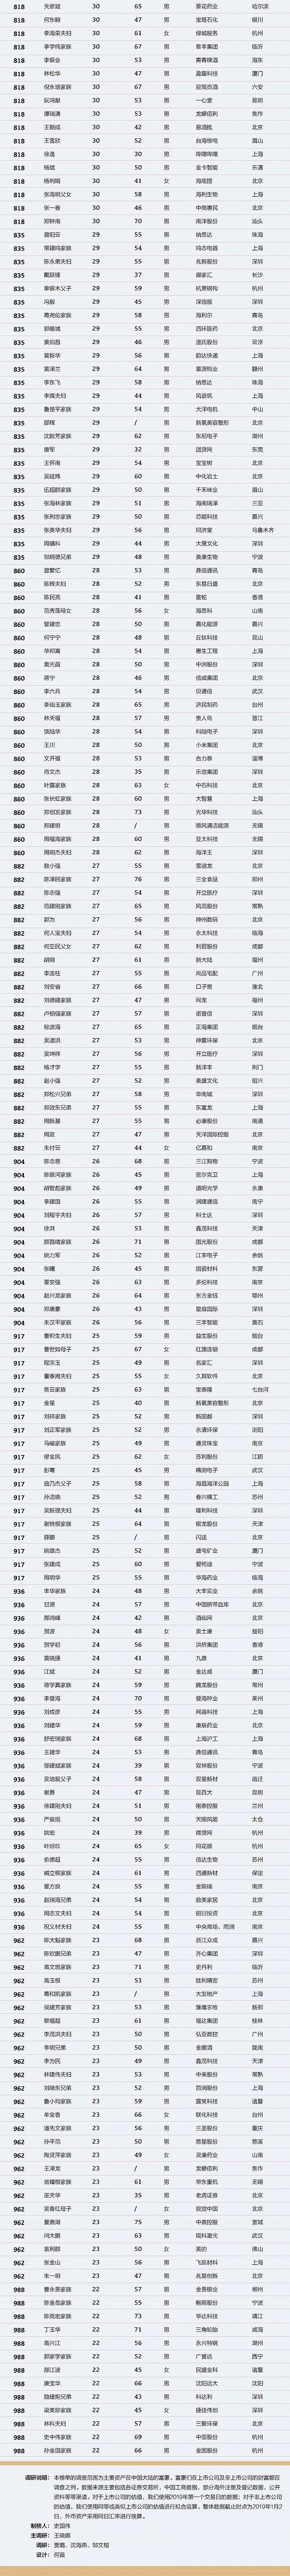 2019中国最富1000人都有谁 中国最富1000人完整榜单有你认识的吗